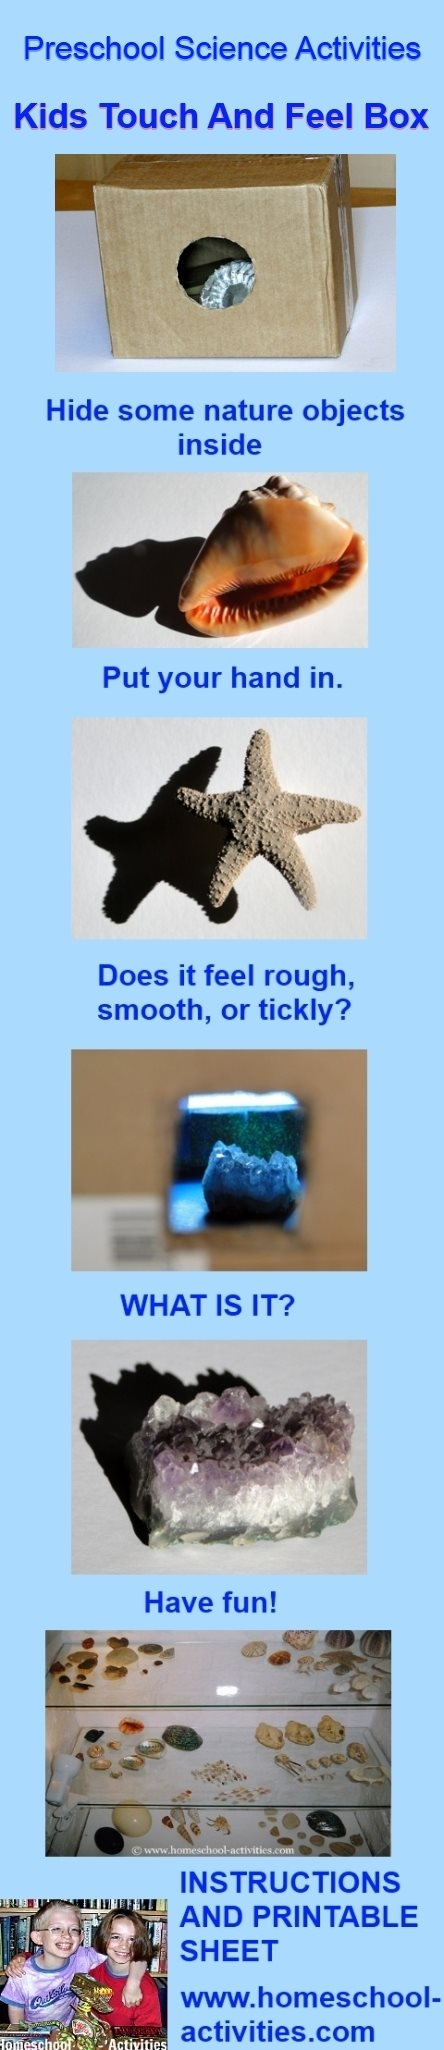 preschool science activities for kids